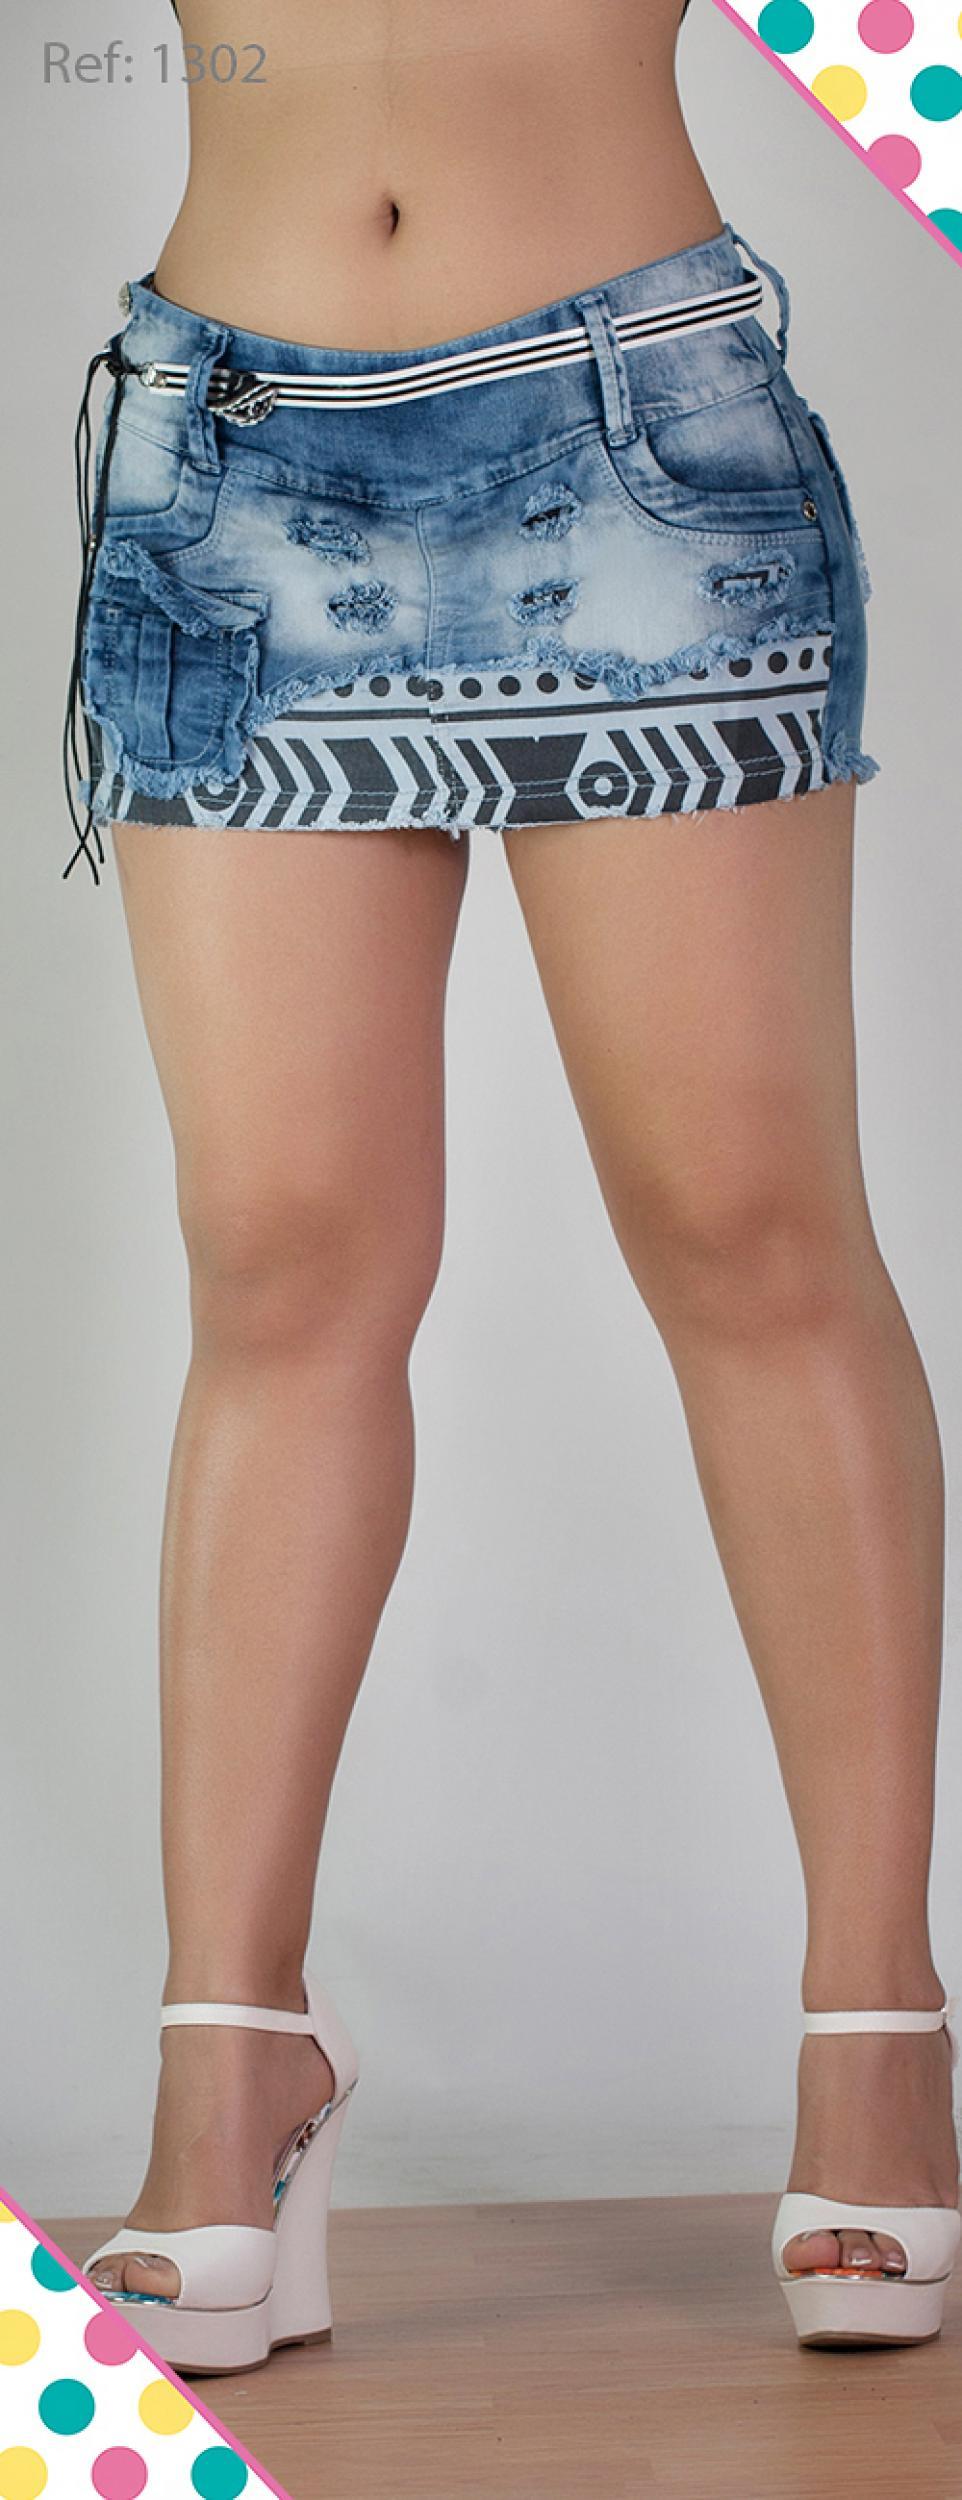 fc30d0f37 Comprar Minifalda short online